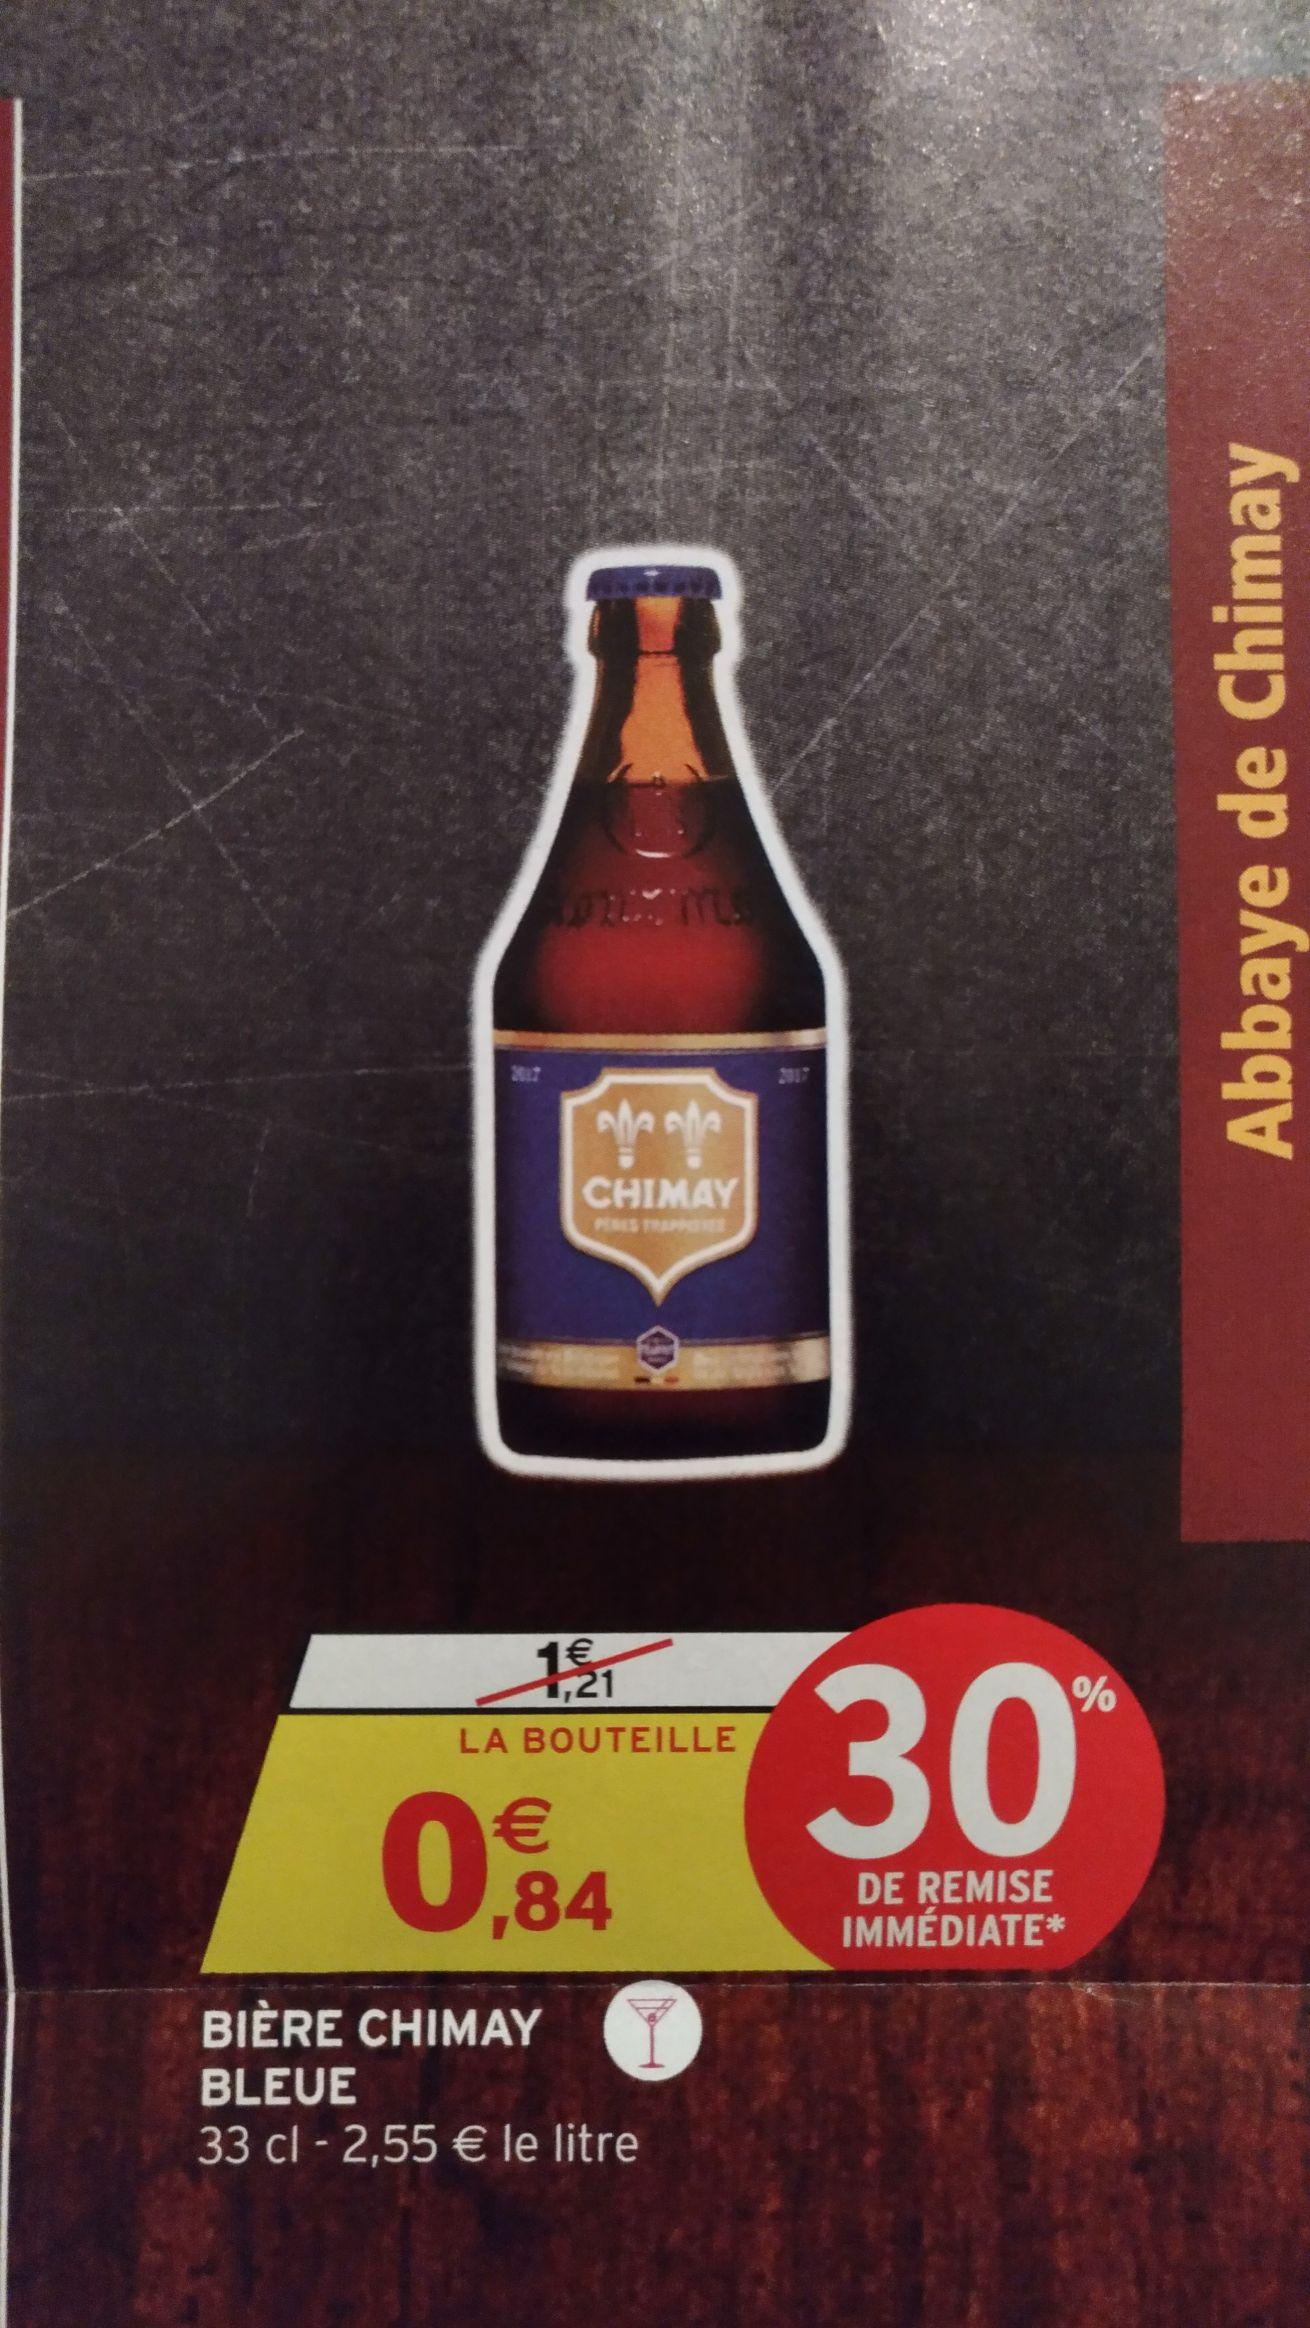 Bouteille de Bière Chimay Bleu - 33 cl